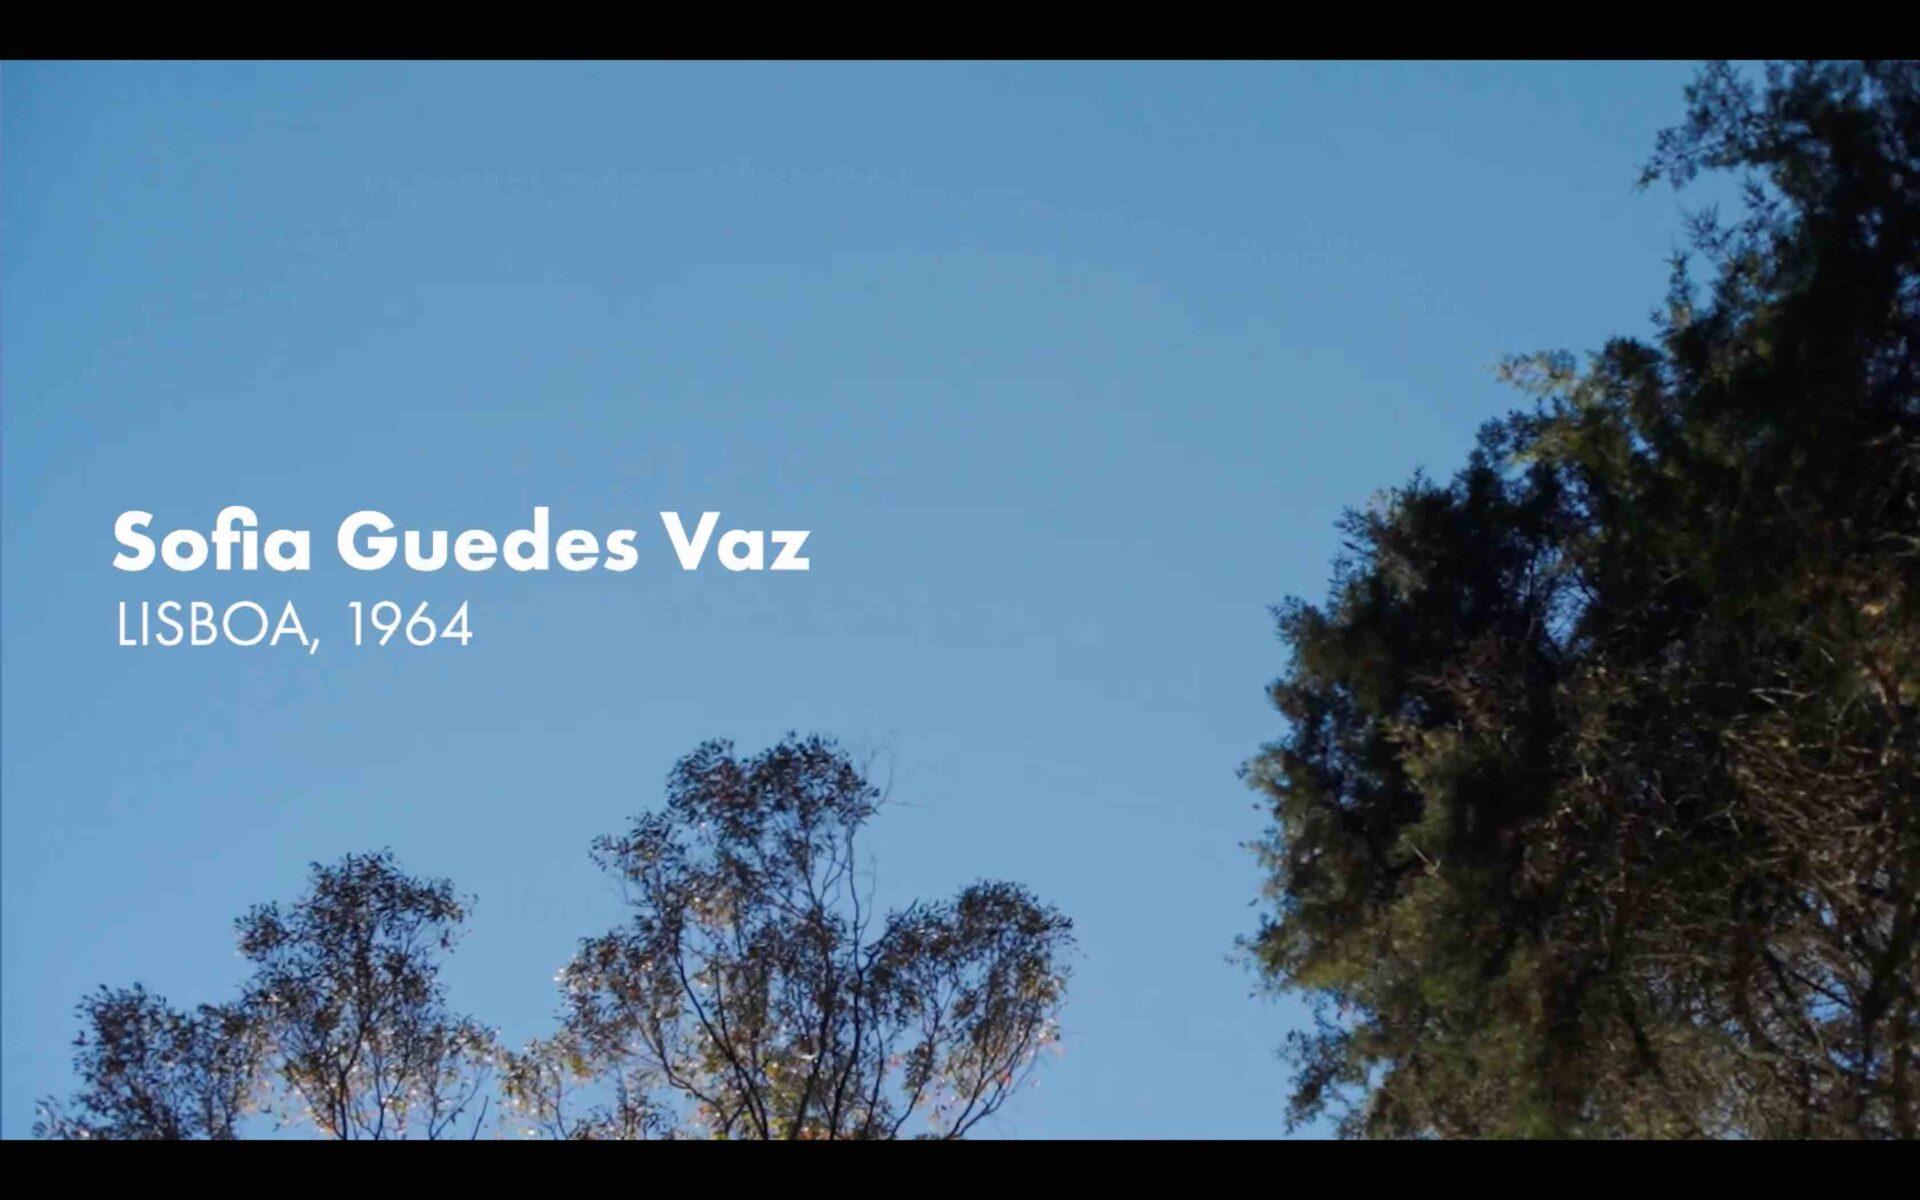 Sofia Guedes Vaz